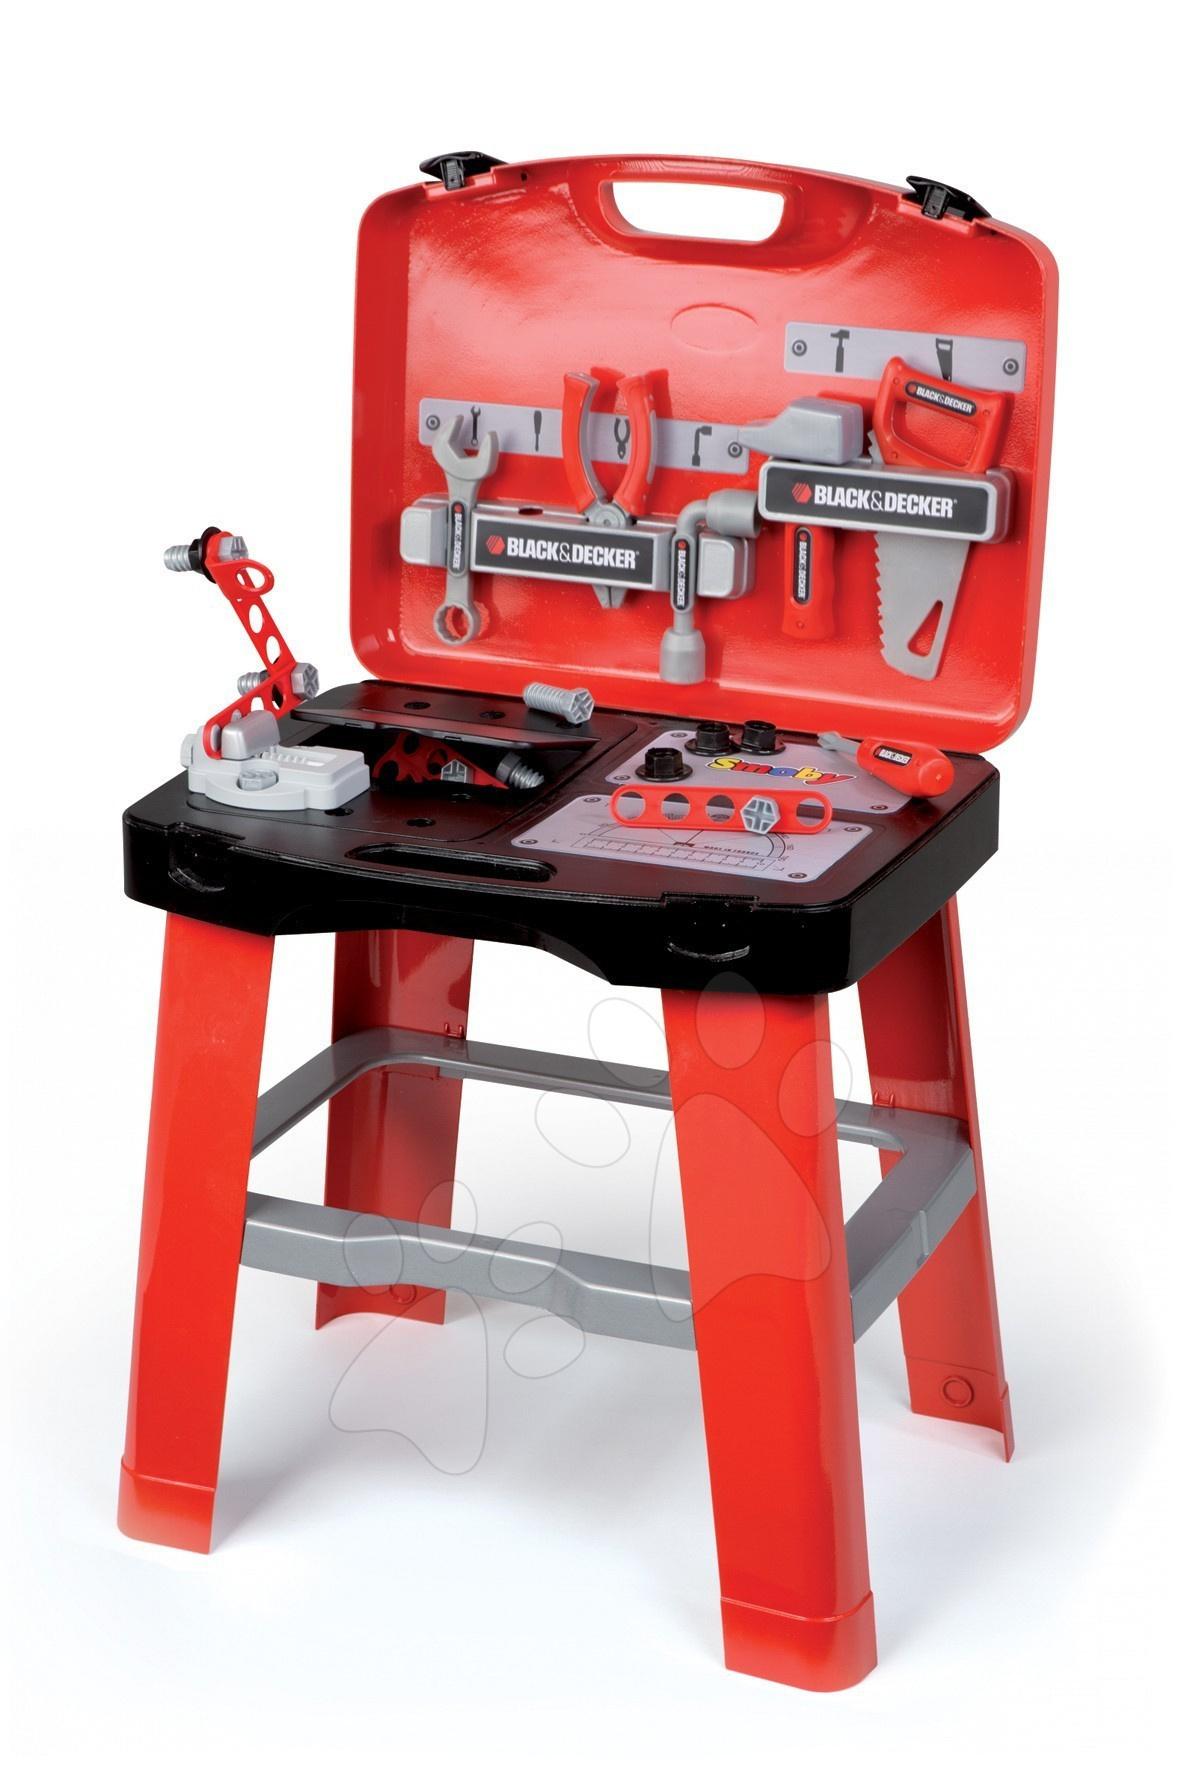 SMOBY 500240 detská pracovná dielňa Black&Decker so skladacím stolíkom a 25 doplnkami